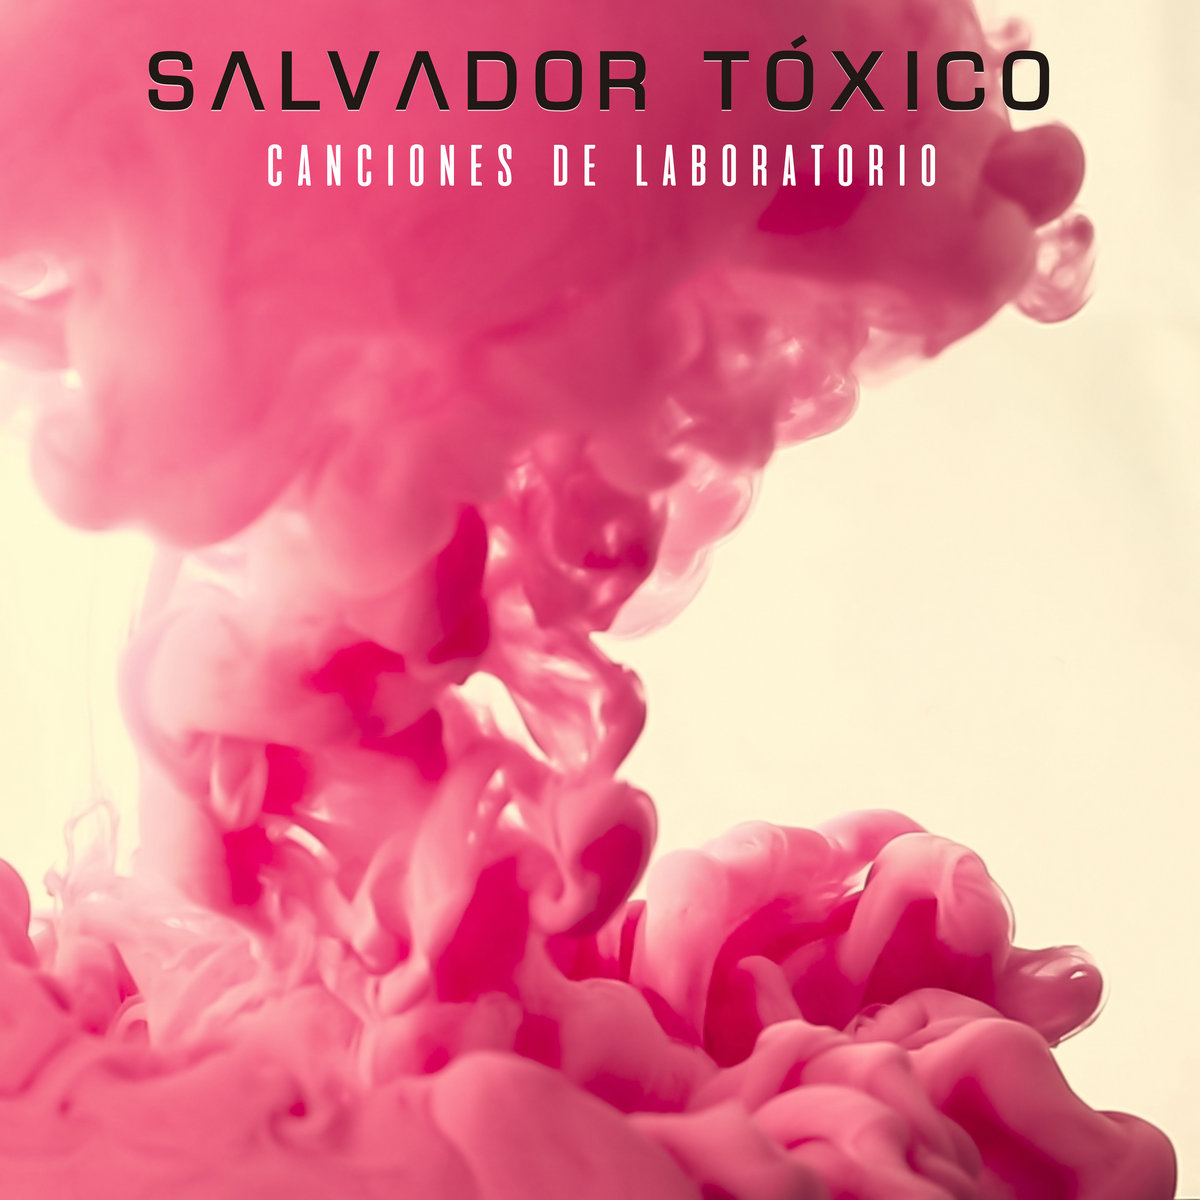 Canciones de Laboratorio | Salvador Tóxico